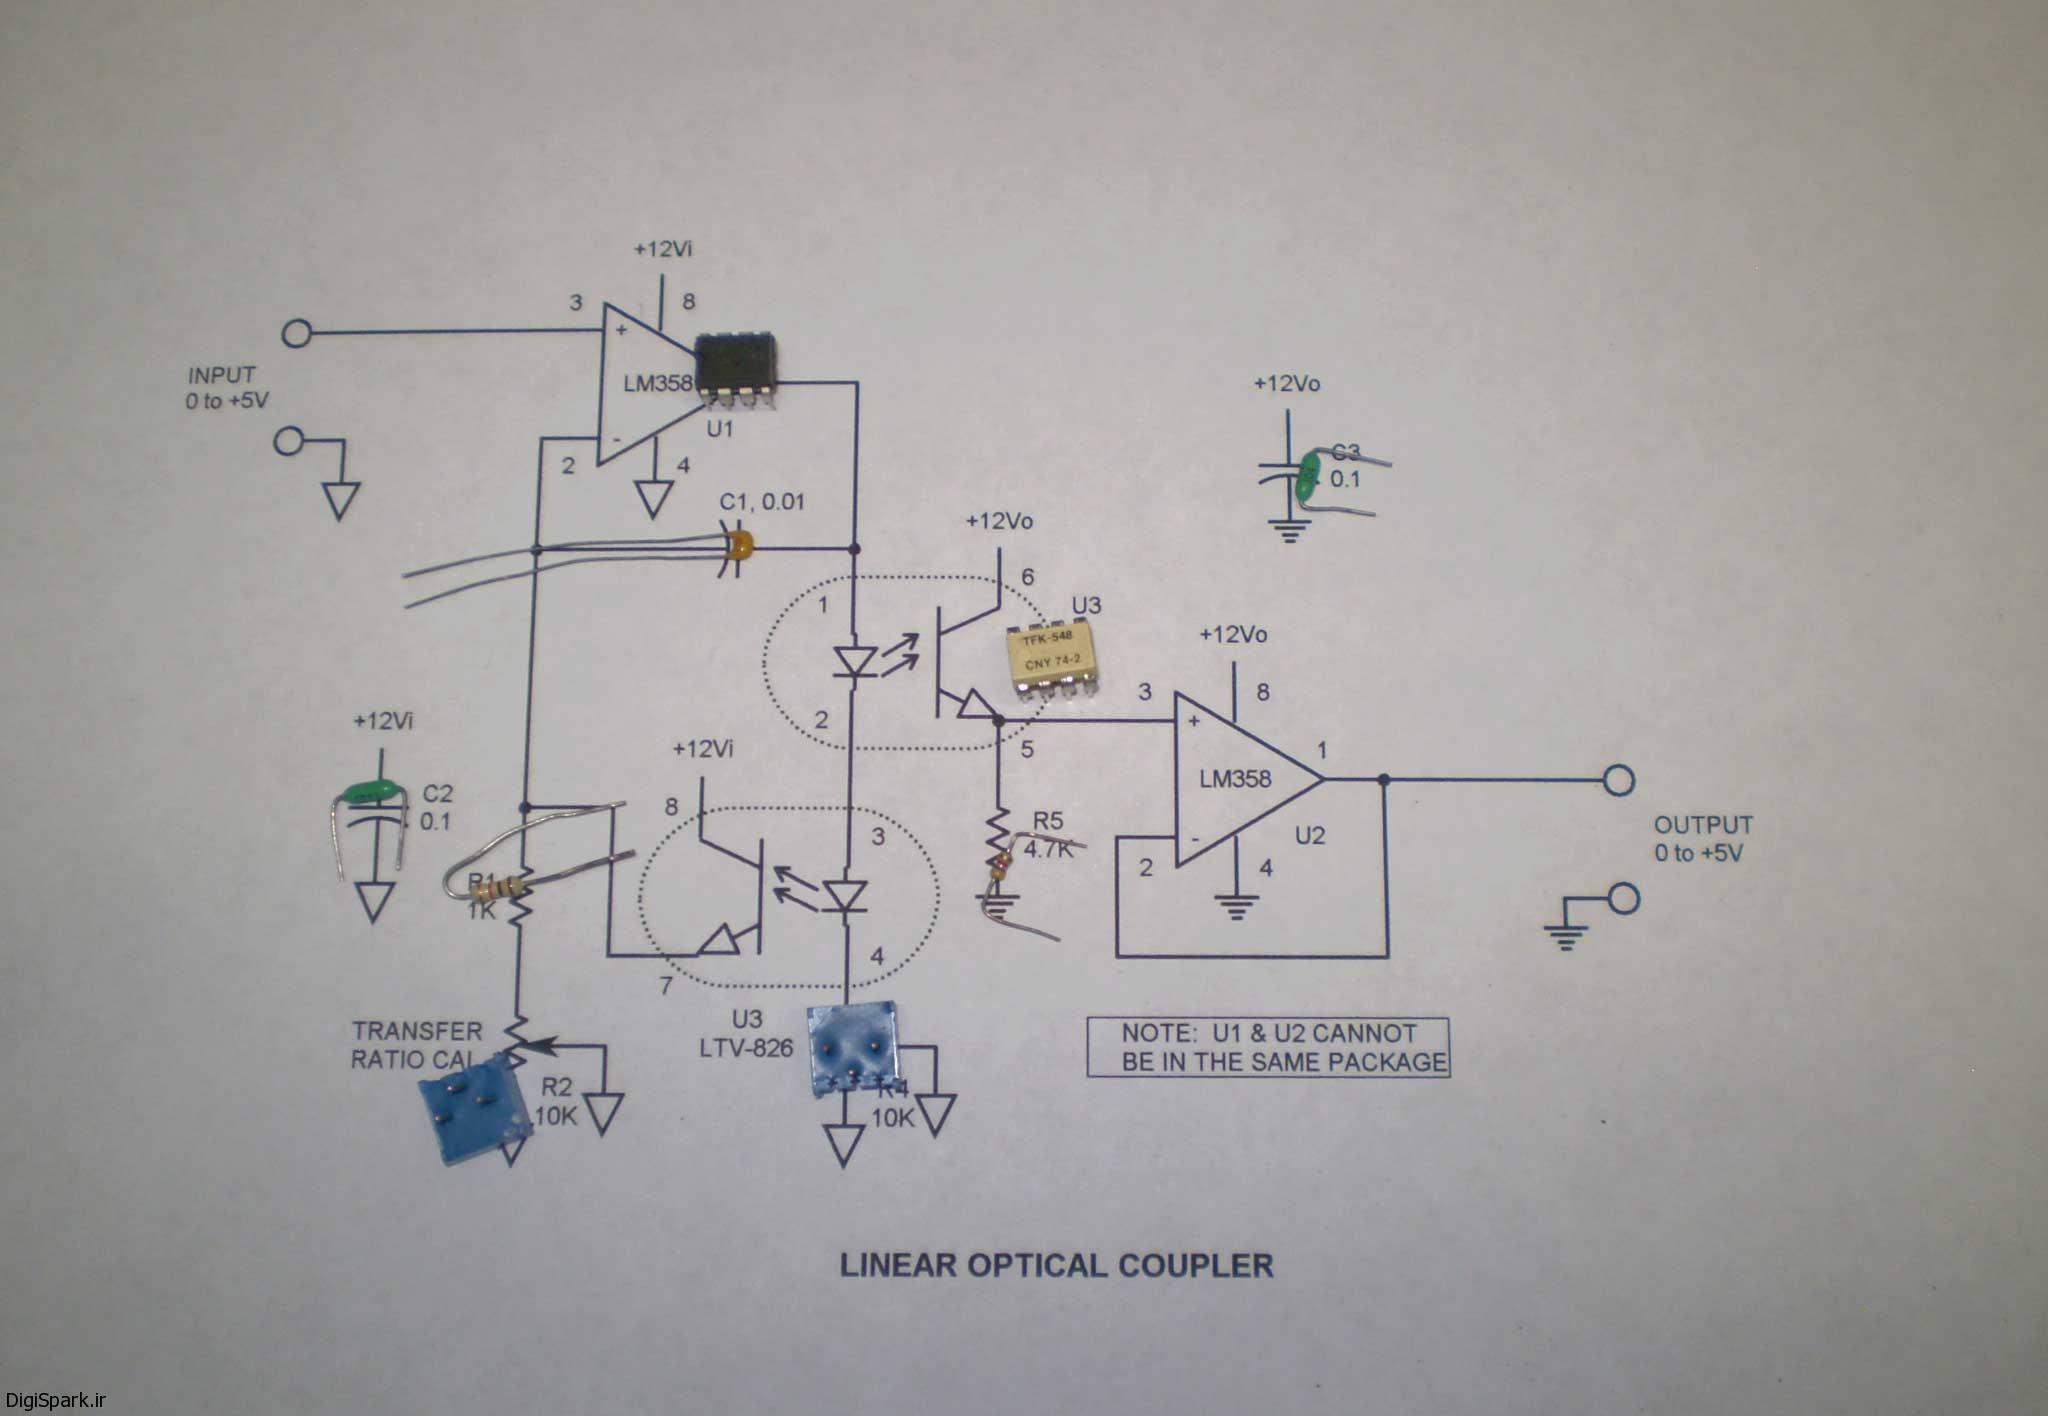 مدار اپتوکوپلر برای سیگنال دی سی خطی -دیجی اسپارک